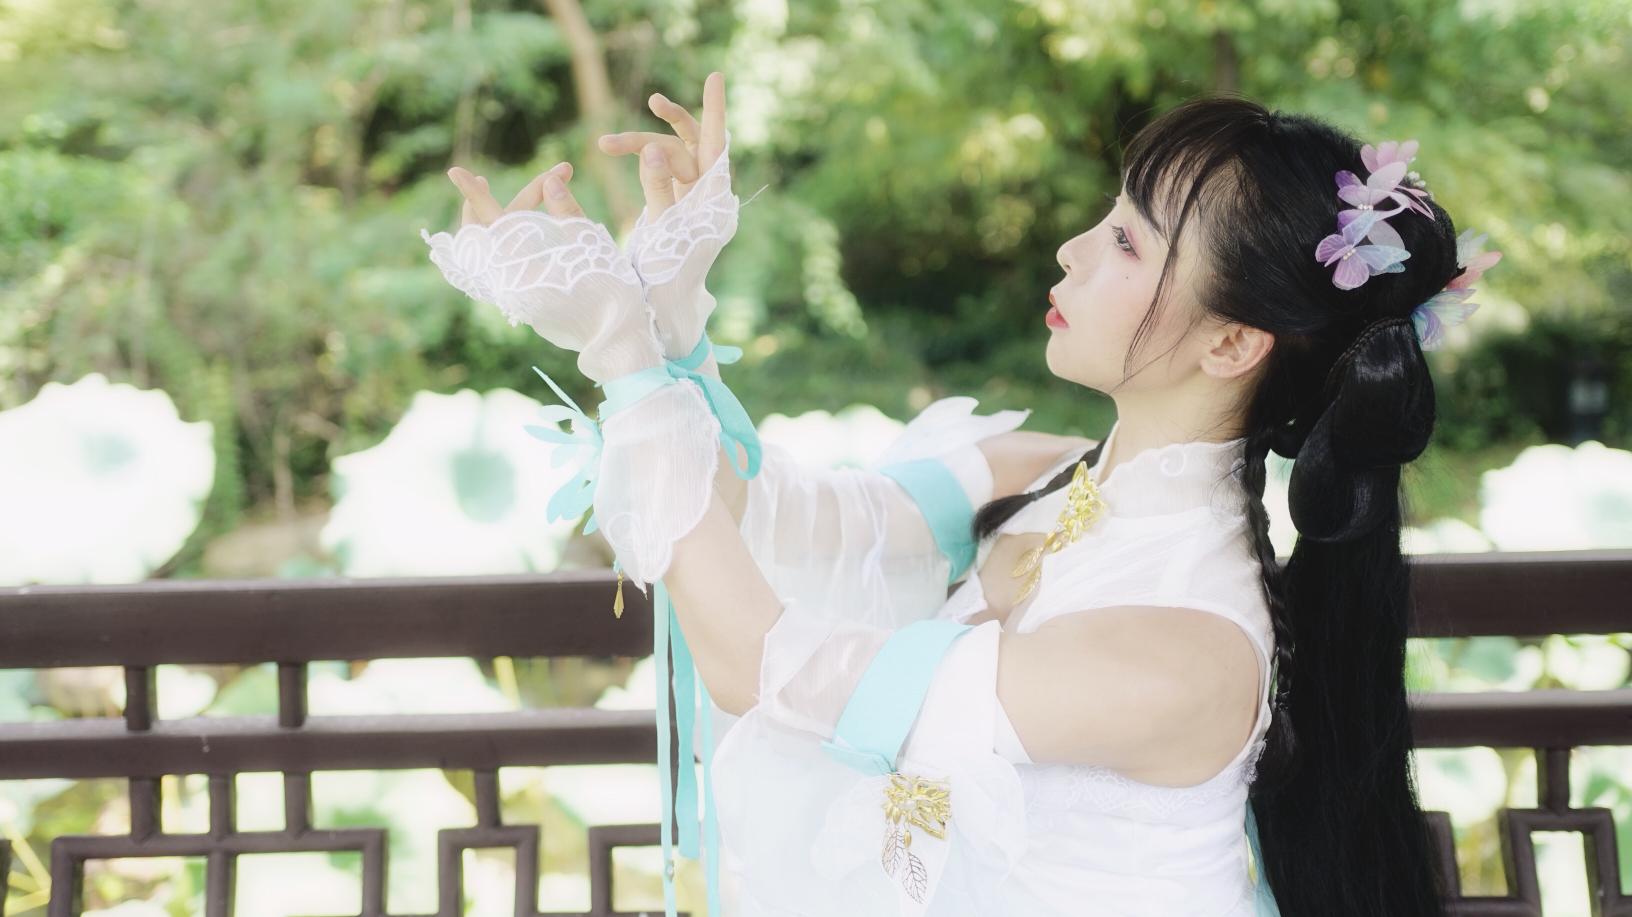 【爱李】落花情-古风(翻跳)